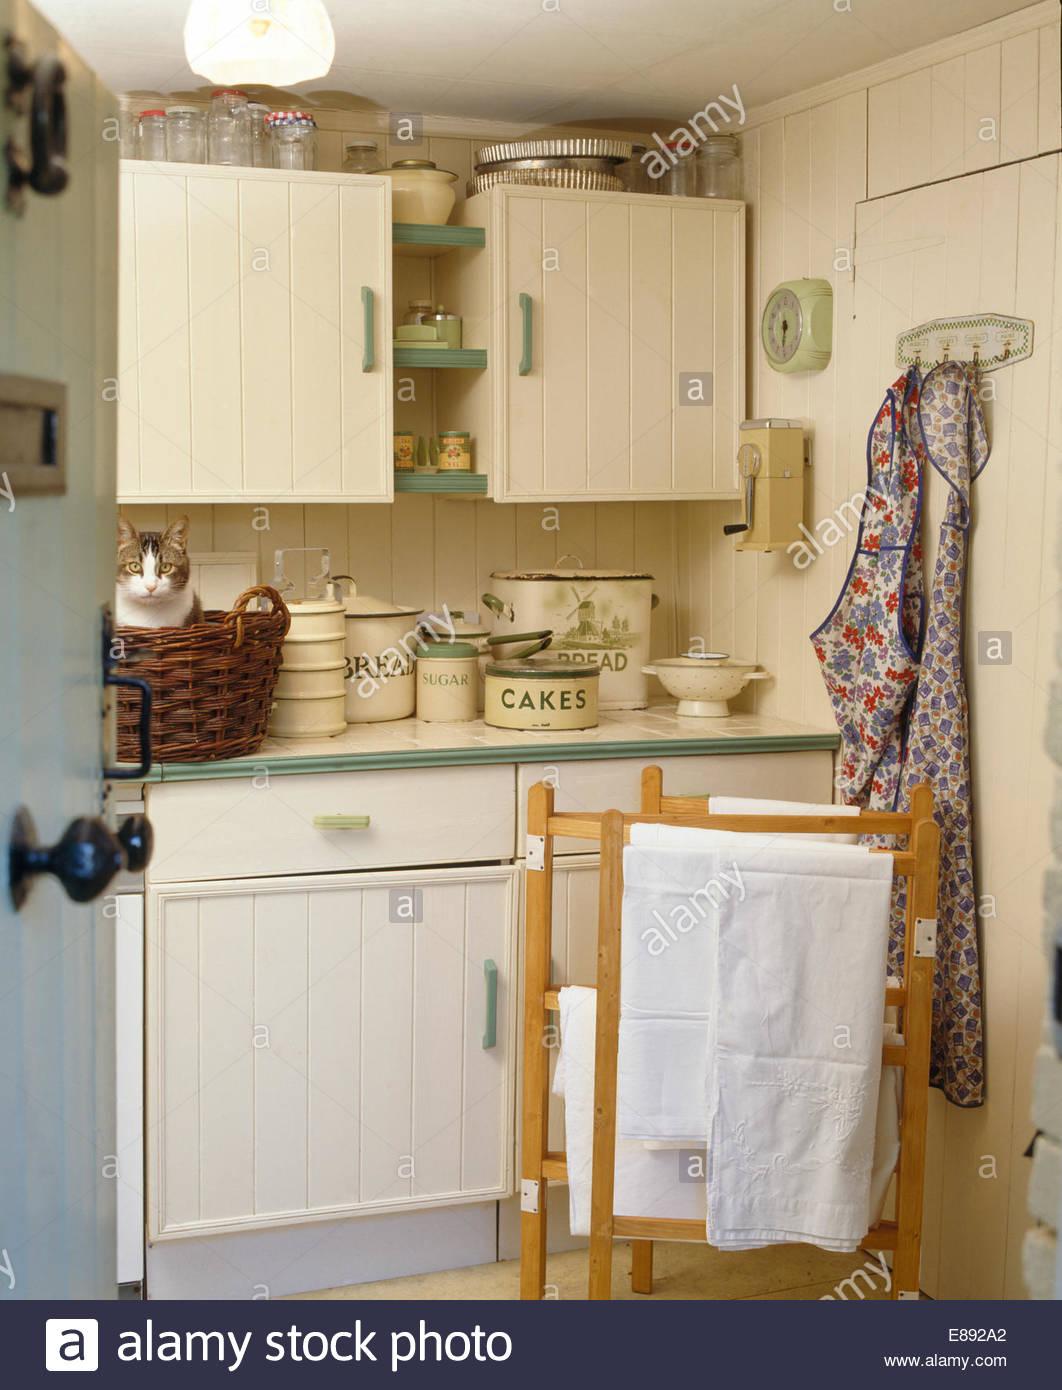 Full Size of Küche Aufbewahrung Kunststoff Küche Aufbewahrung Schrank Küche Aufbewahrung Ideen Küche Aufbewahrung Wand Küche Küche Aufbewahrung